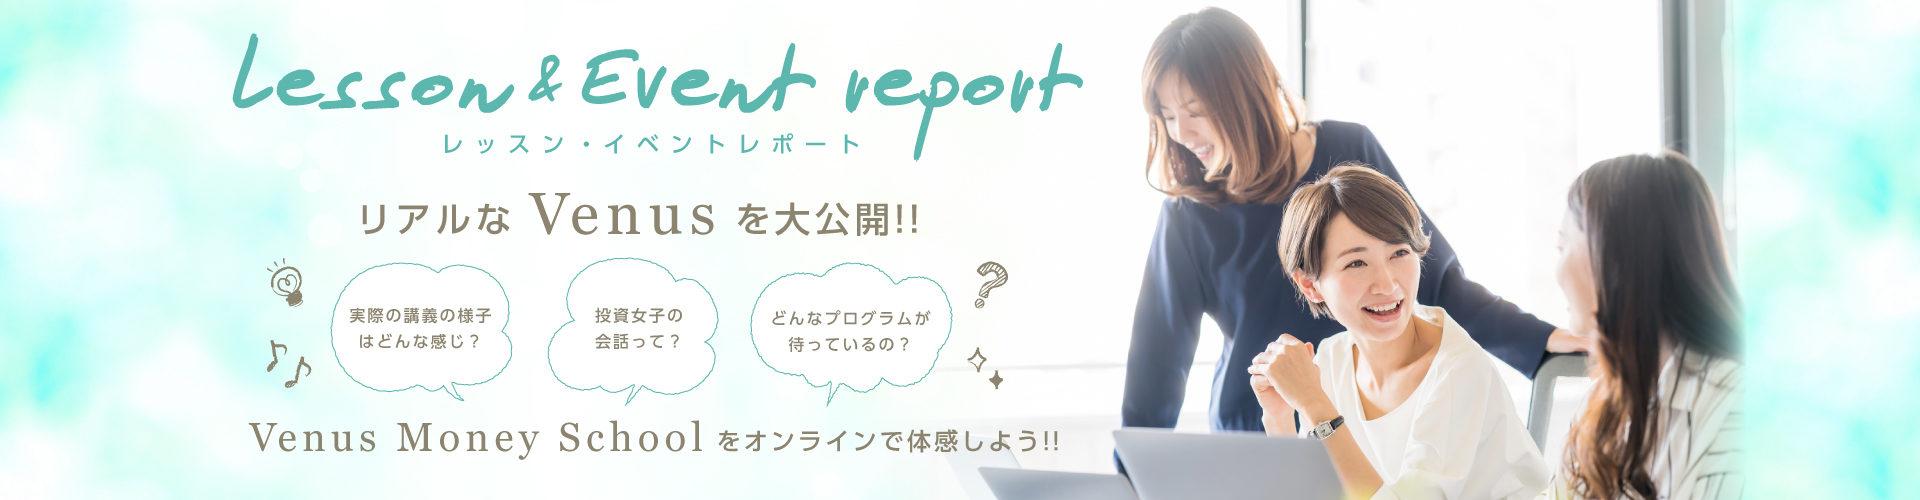 3か月で女性投資家になるセミナーレポート